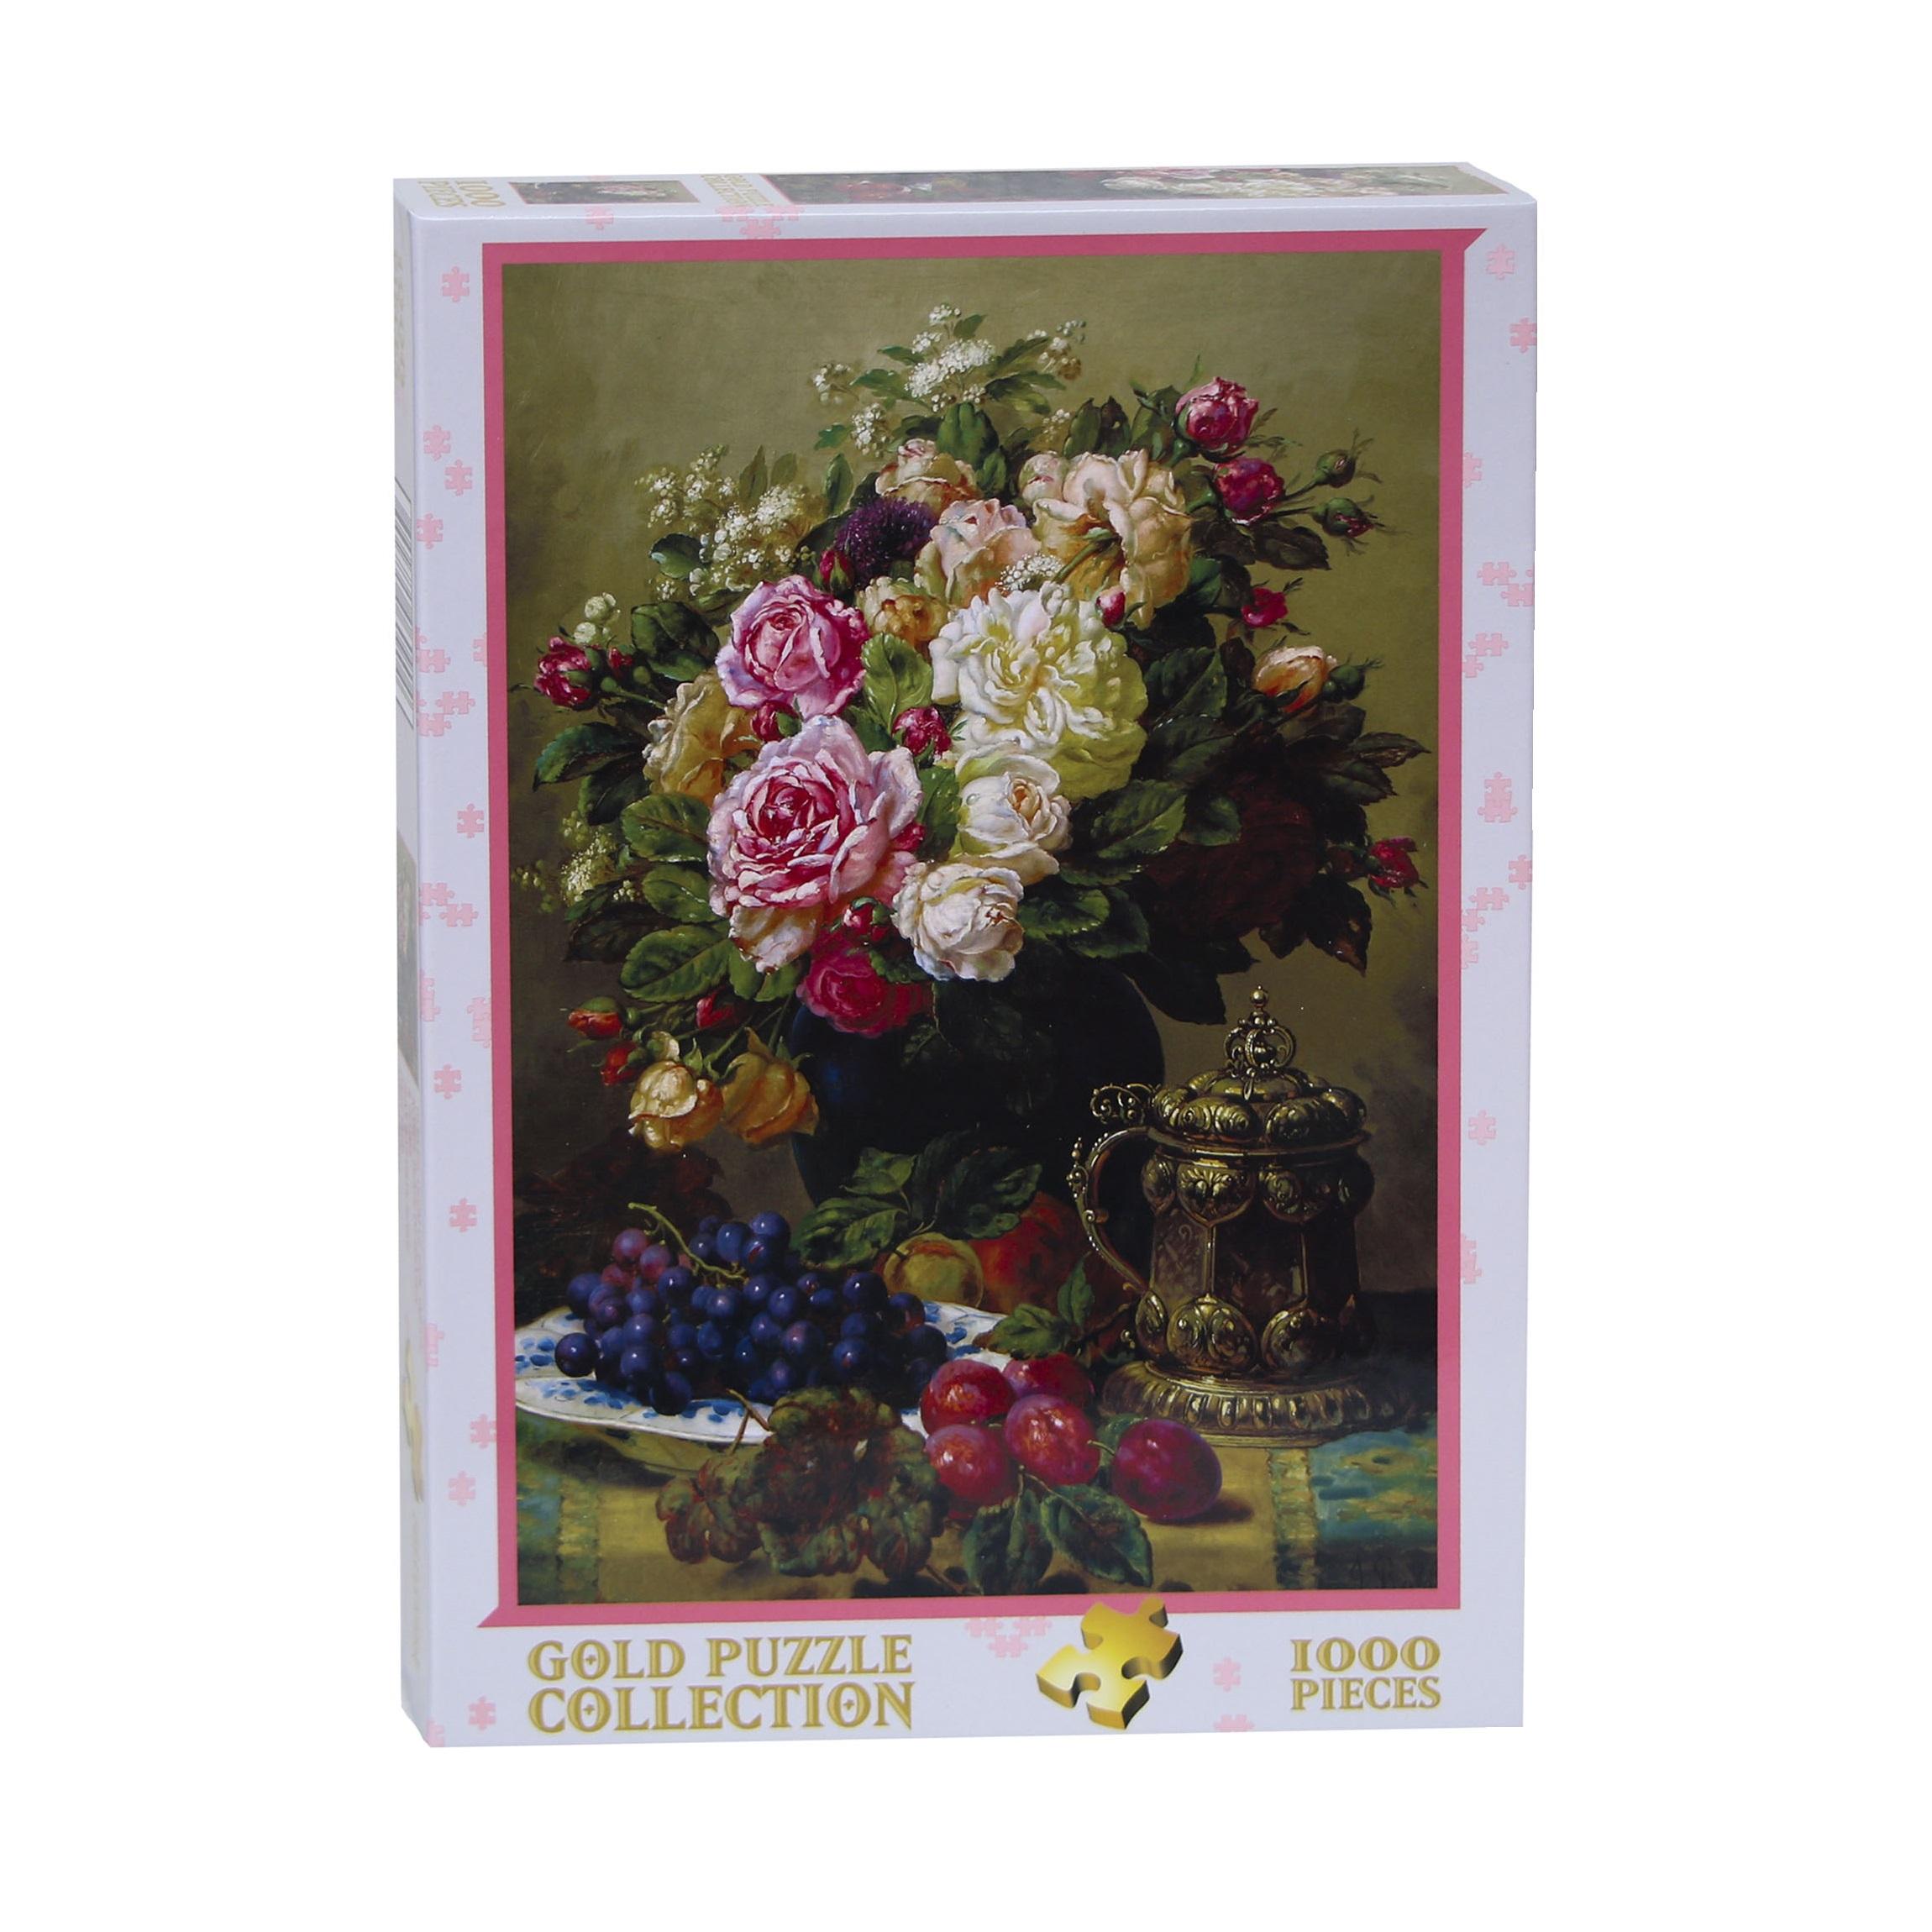 پازل 1000 تکه گلد پازل طرح گل های رز کد 60904